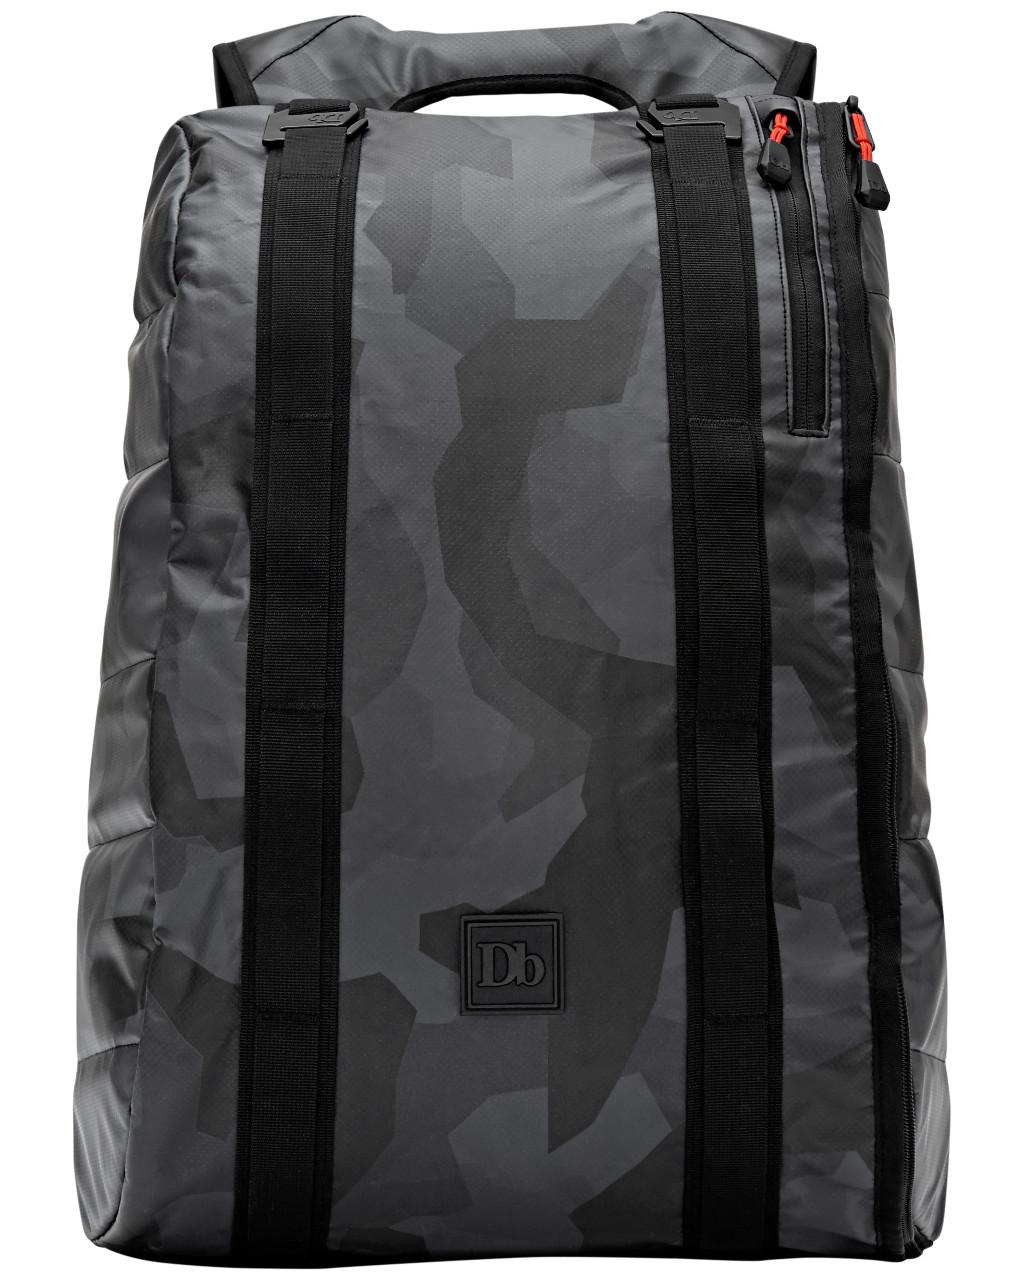 The Base 15L LTD Black Camo